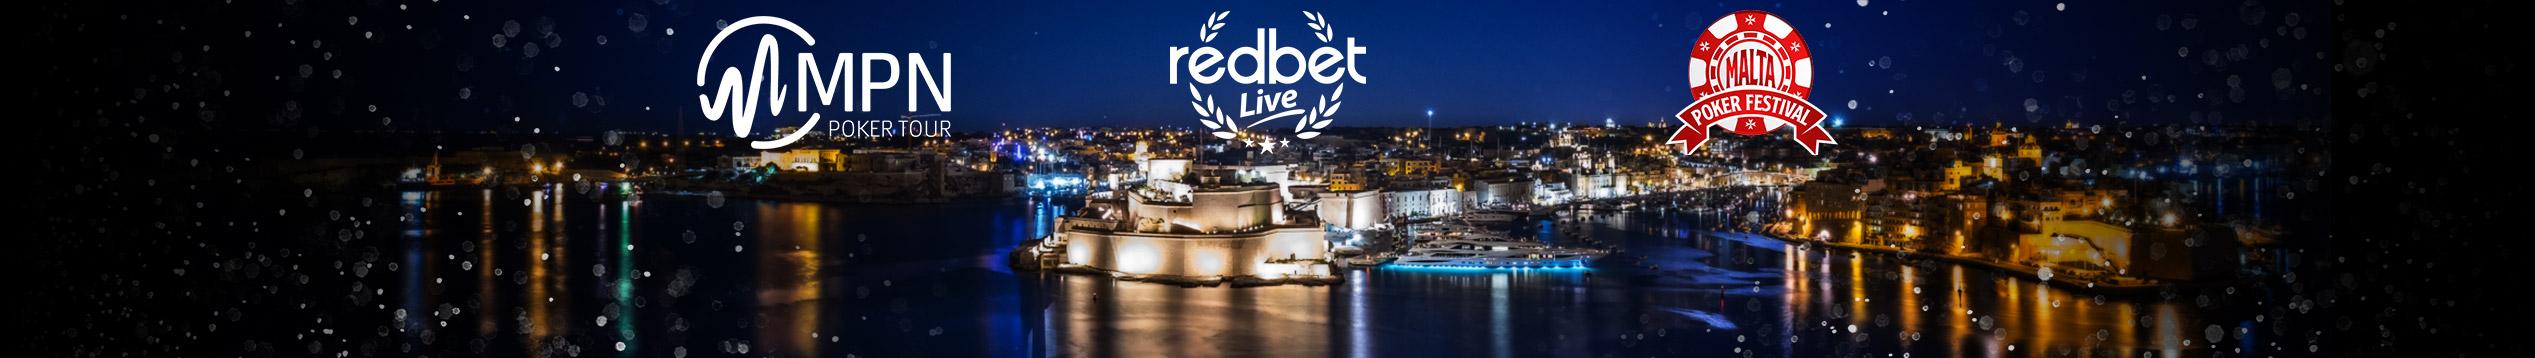 Massiv Live Poker på Malta!